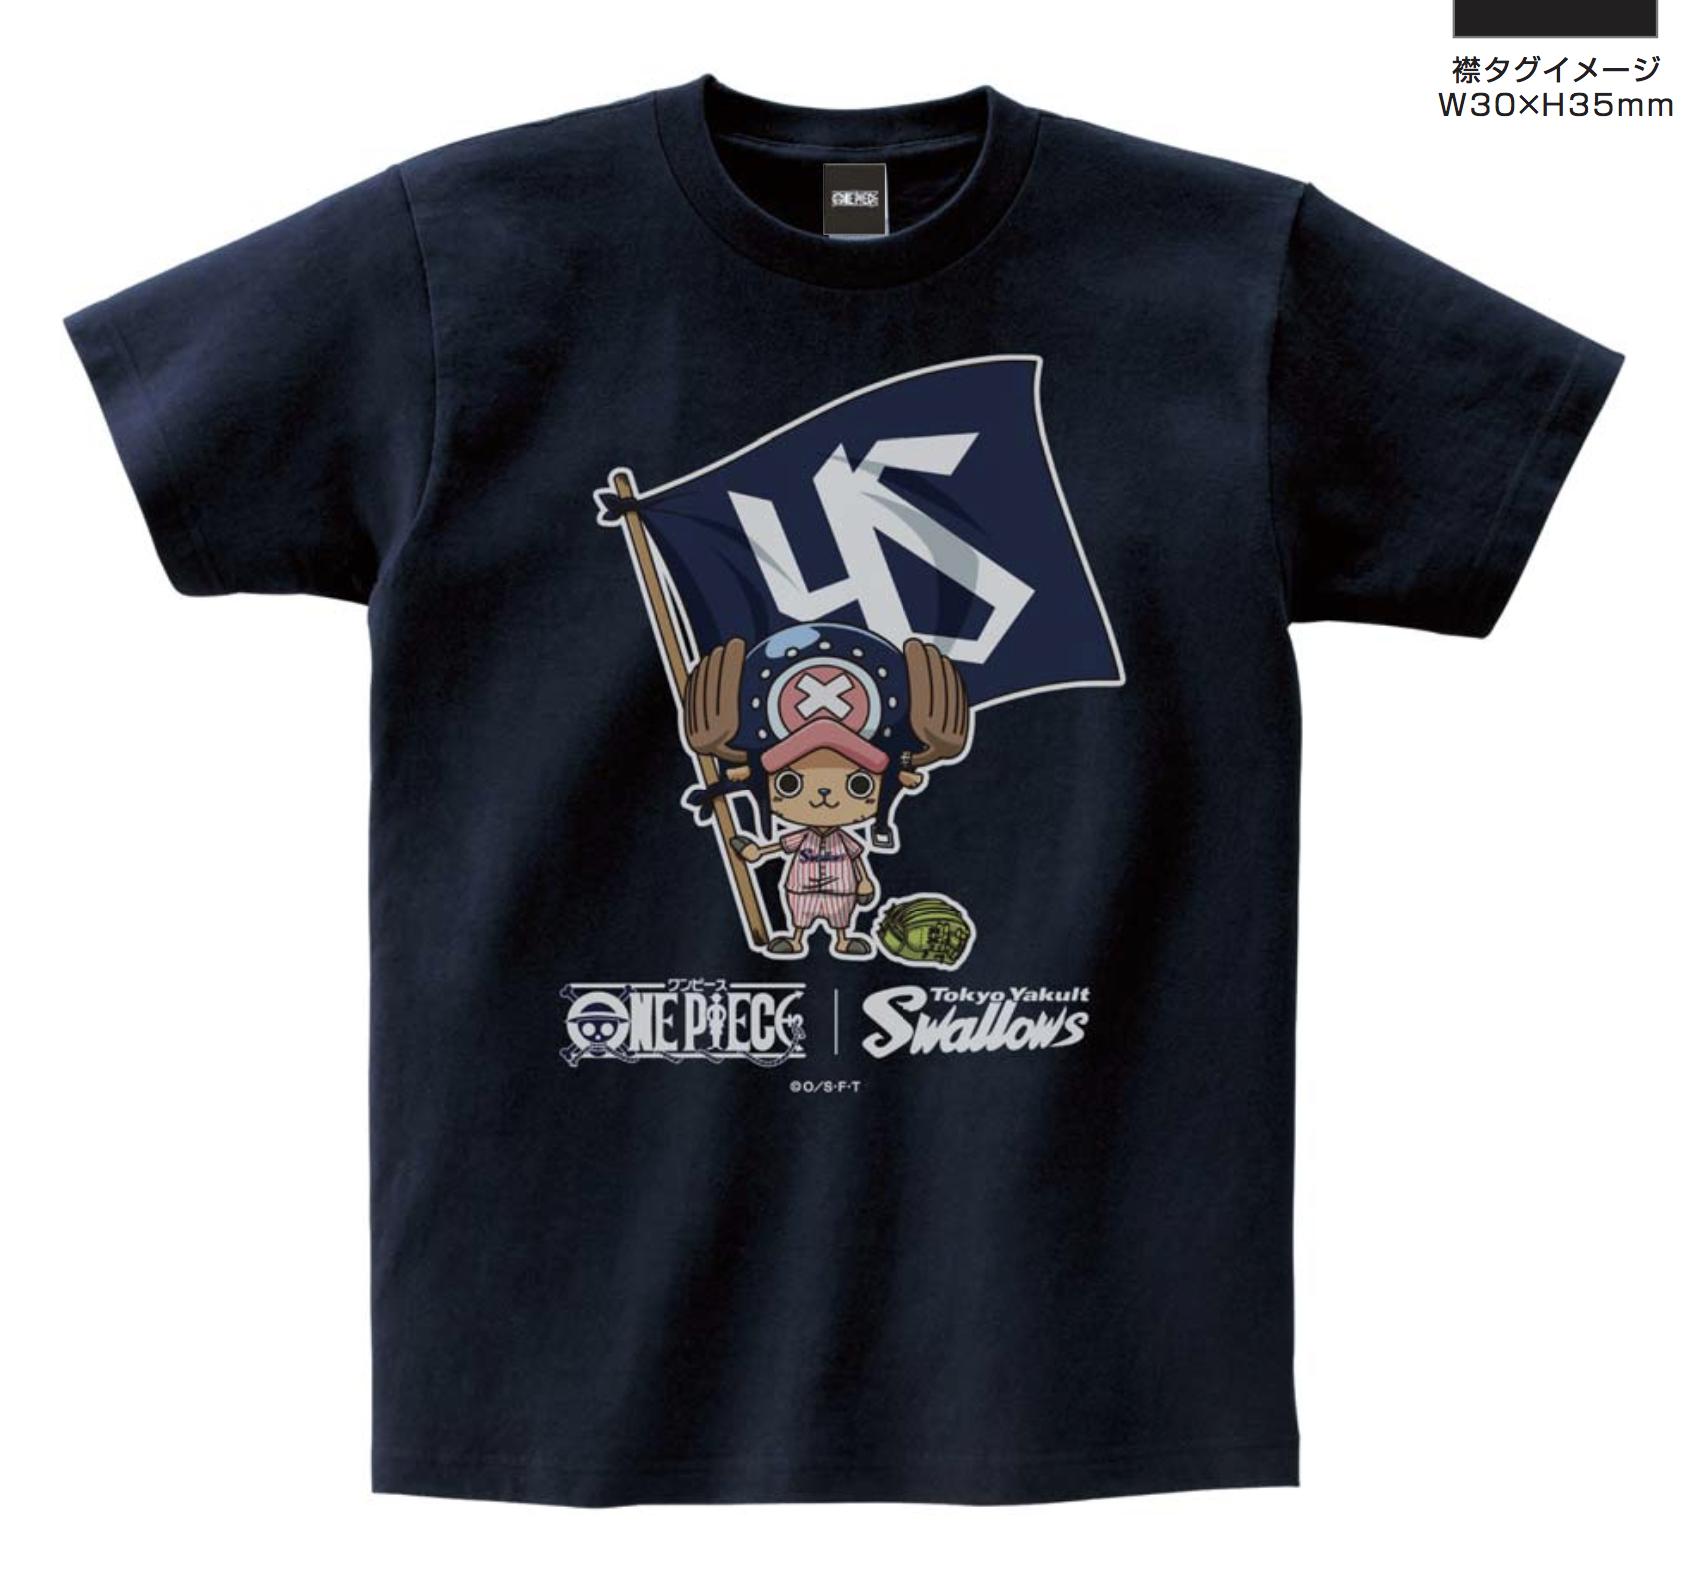 ワンピース×スワローズ Tシャツ